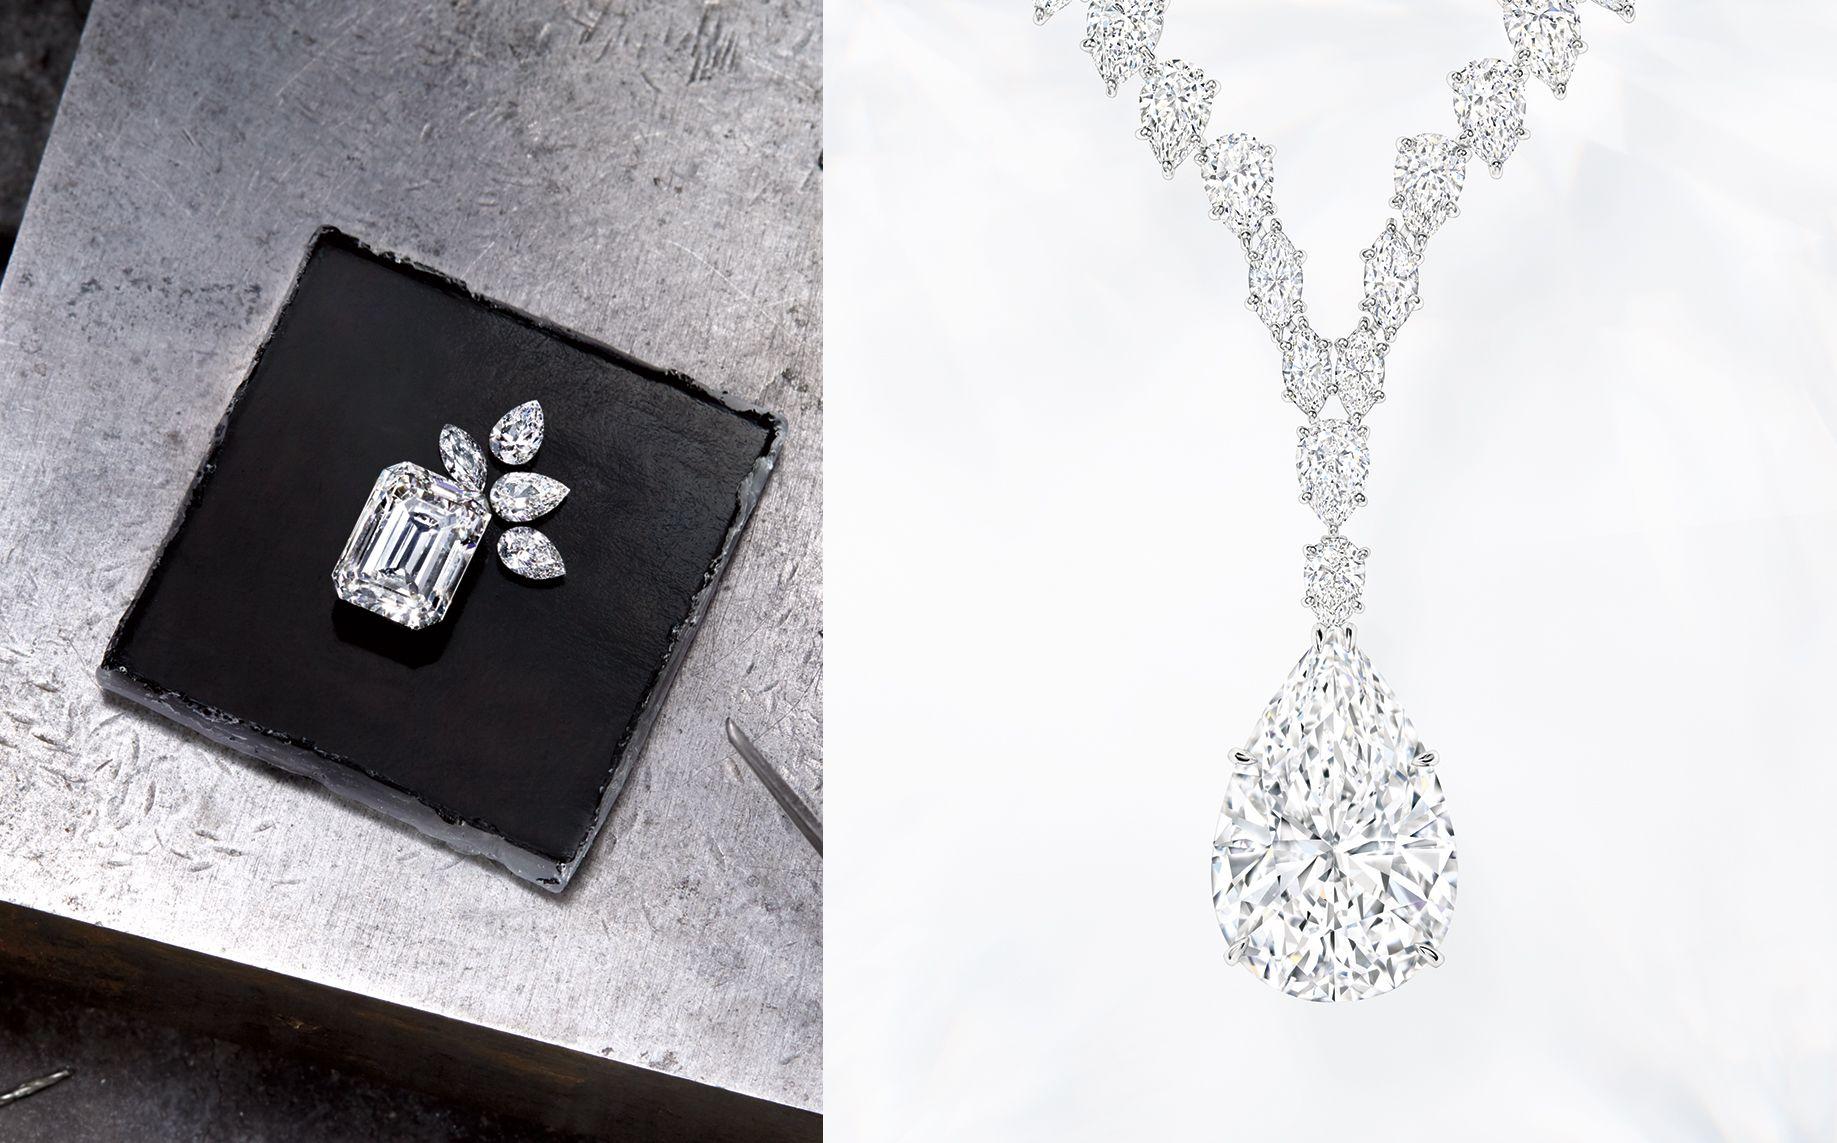 可以買好幾戶帝寶!Harry Winston鑽石之王30億頂級珠寶抵台 3大必看亮點整理!